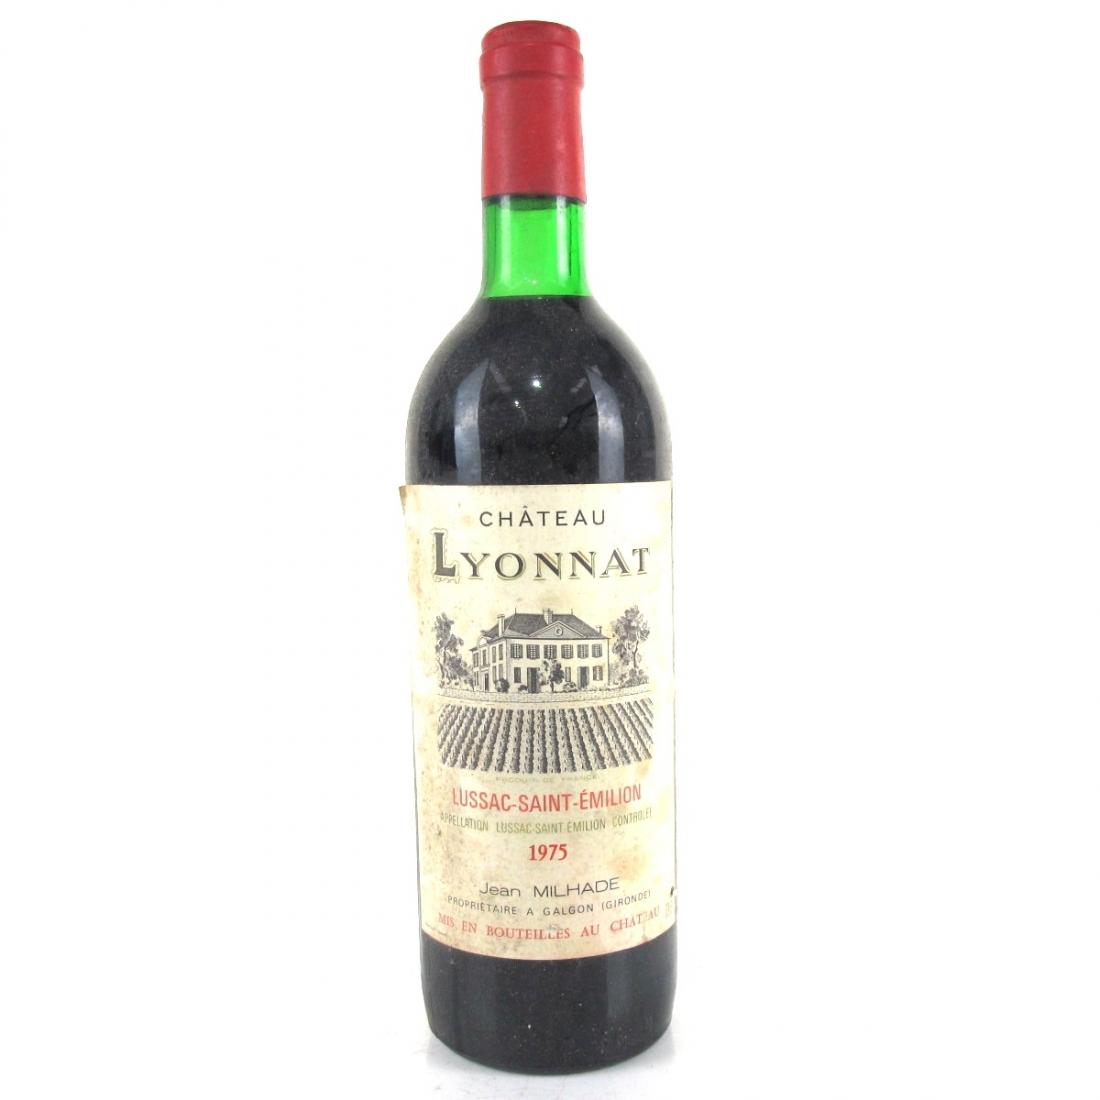 Ch. Lyonnat 1975 Lussac-Saint-Emilion